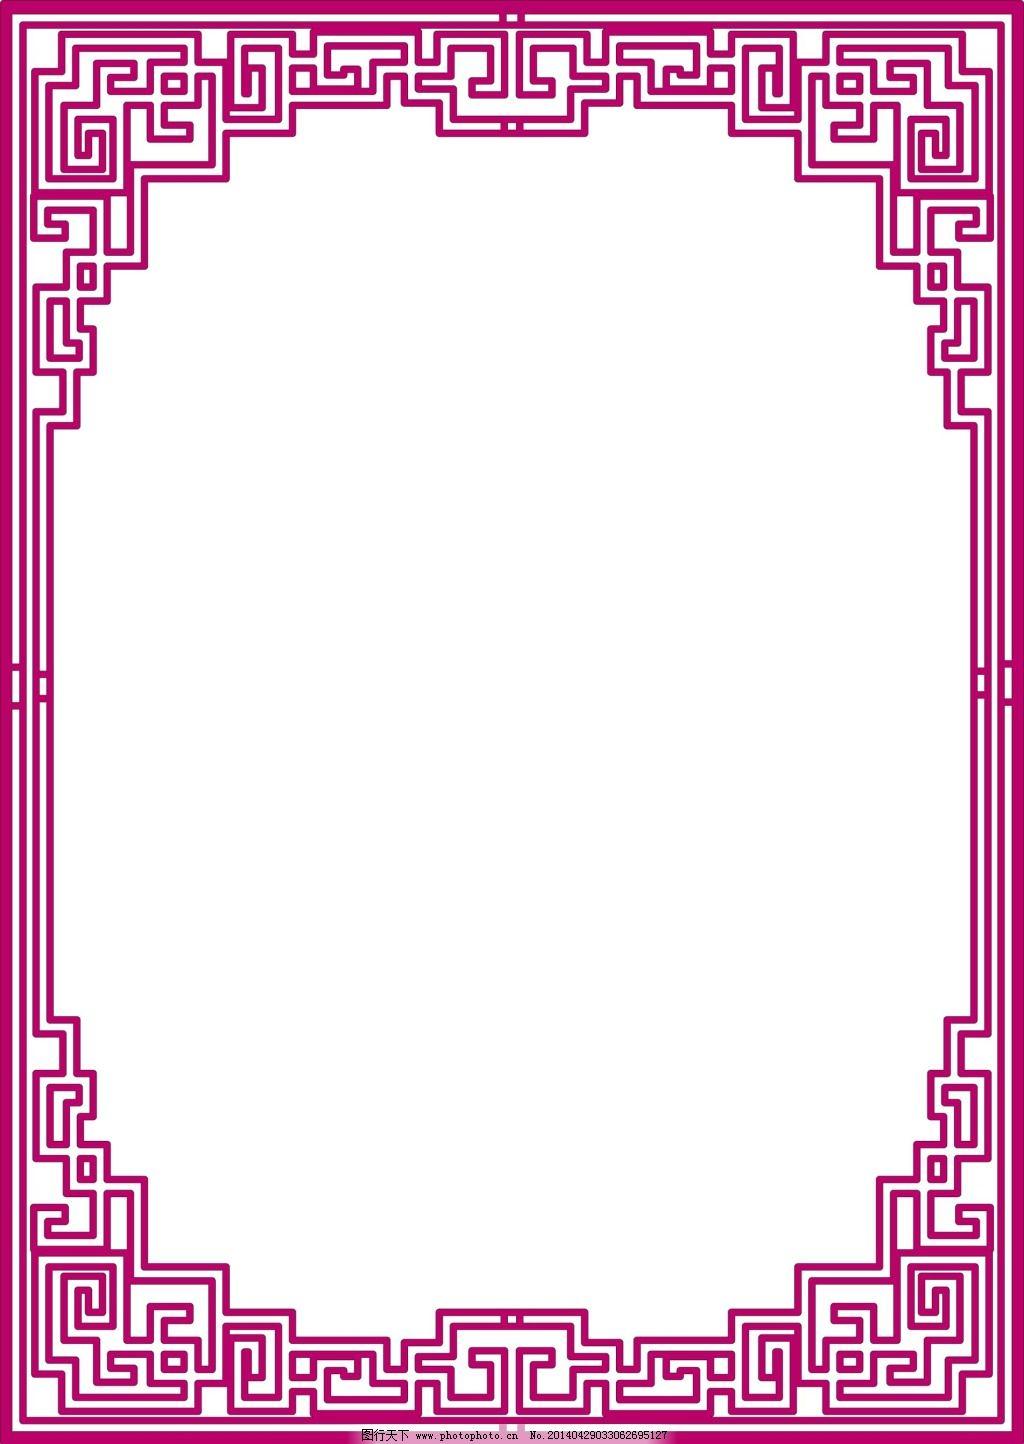 椭圆形窗口边框免费下载 边框素材 花型设计 家纺素材 个性花边素材免